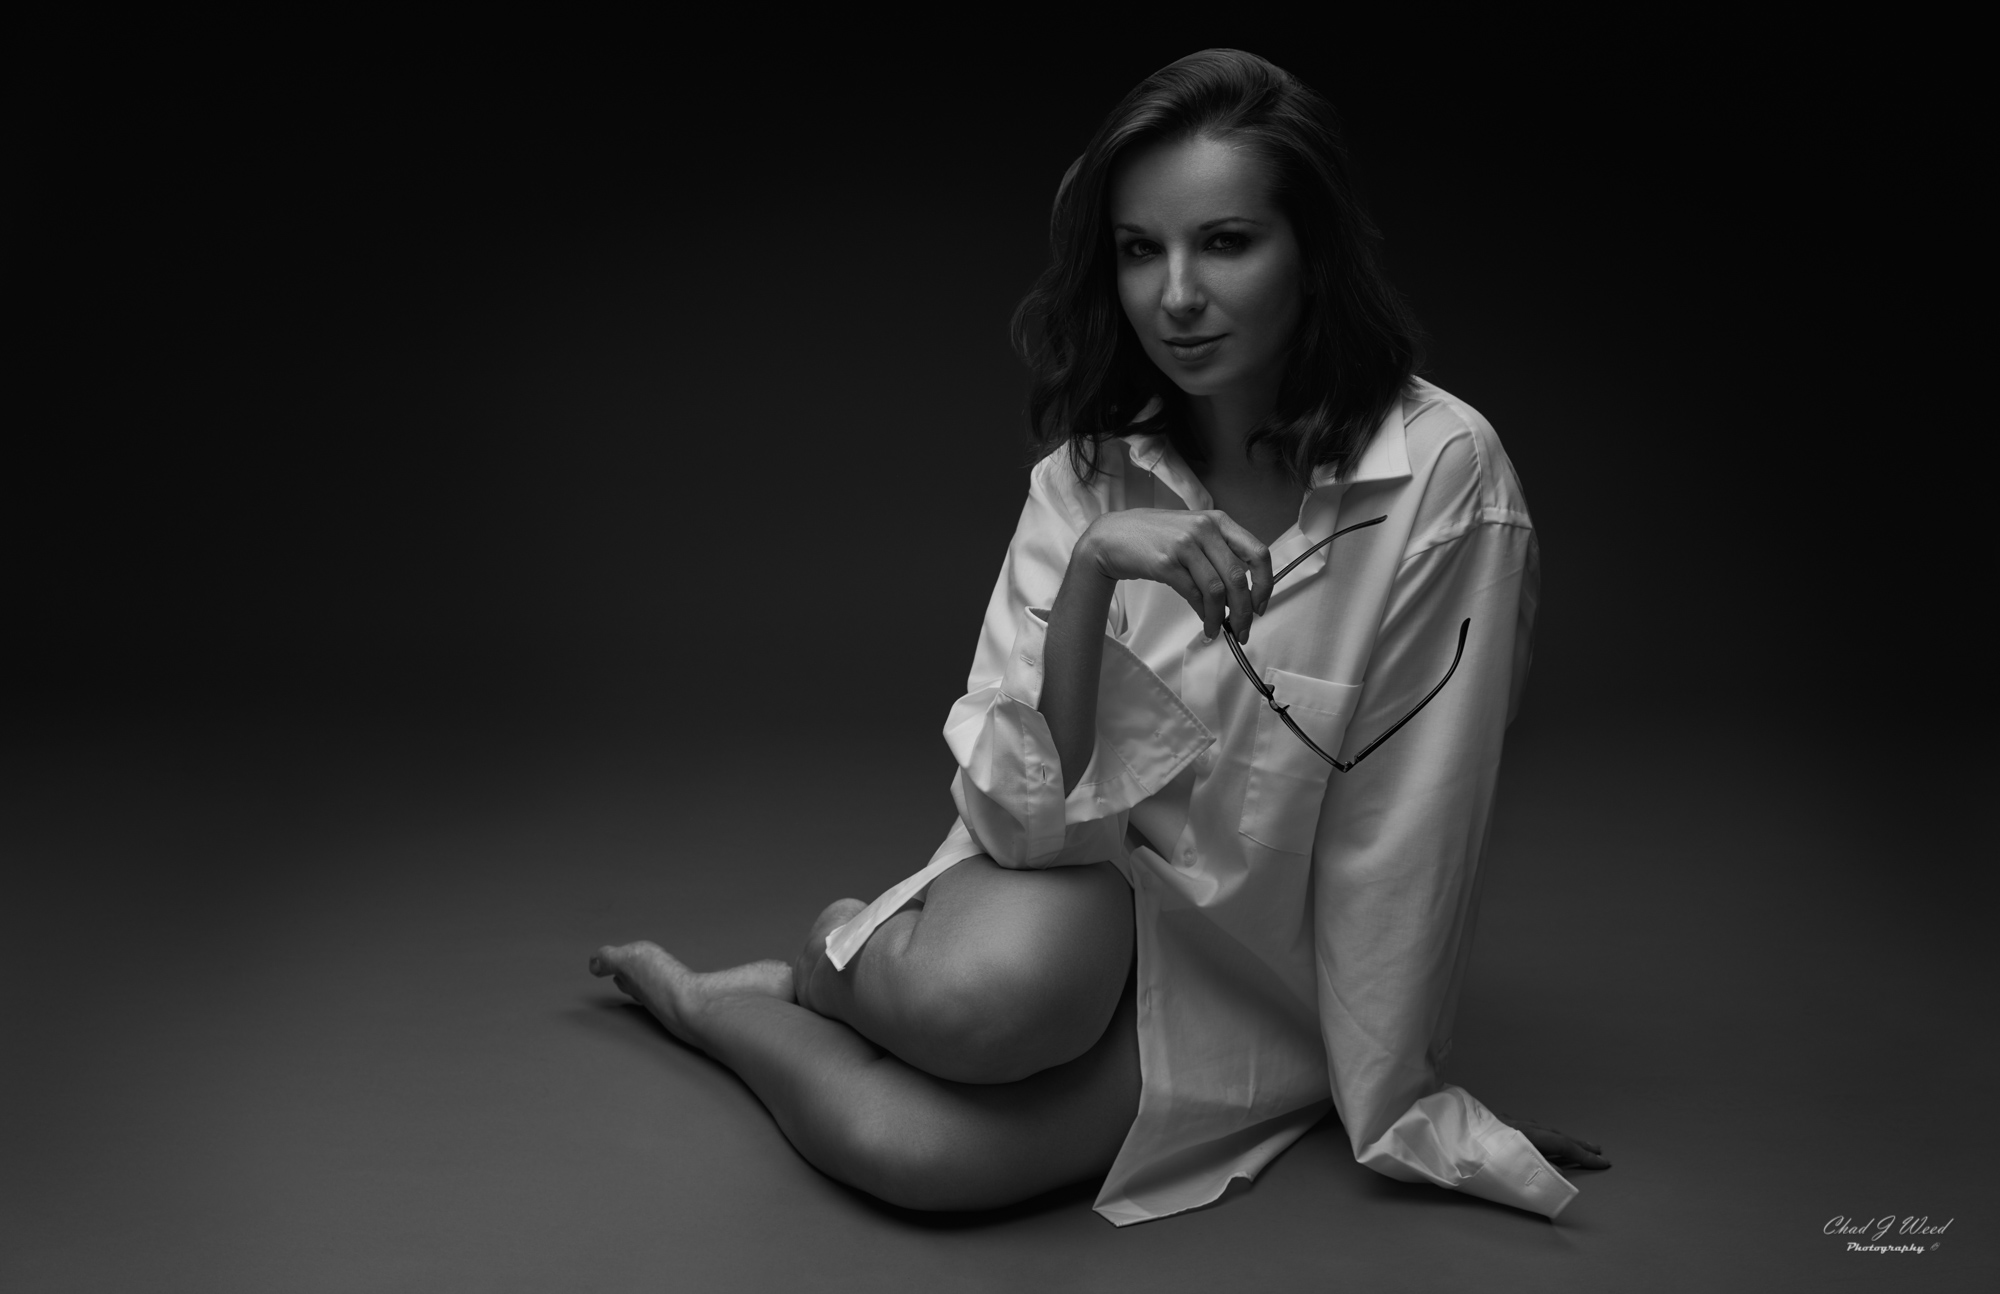 Model Kika by Mesa Arizona Fashion Portrait Photographer Chad Weed